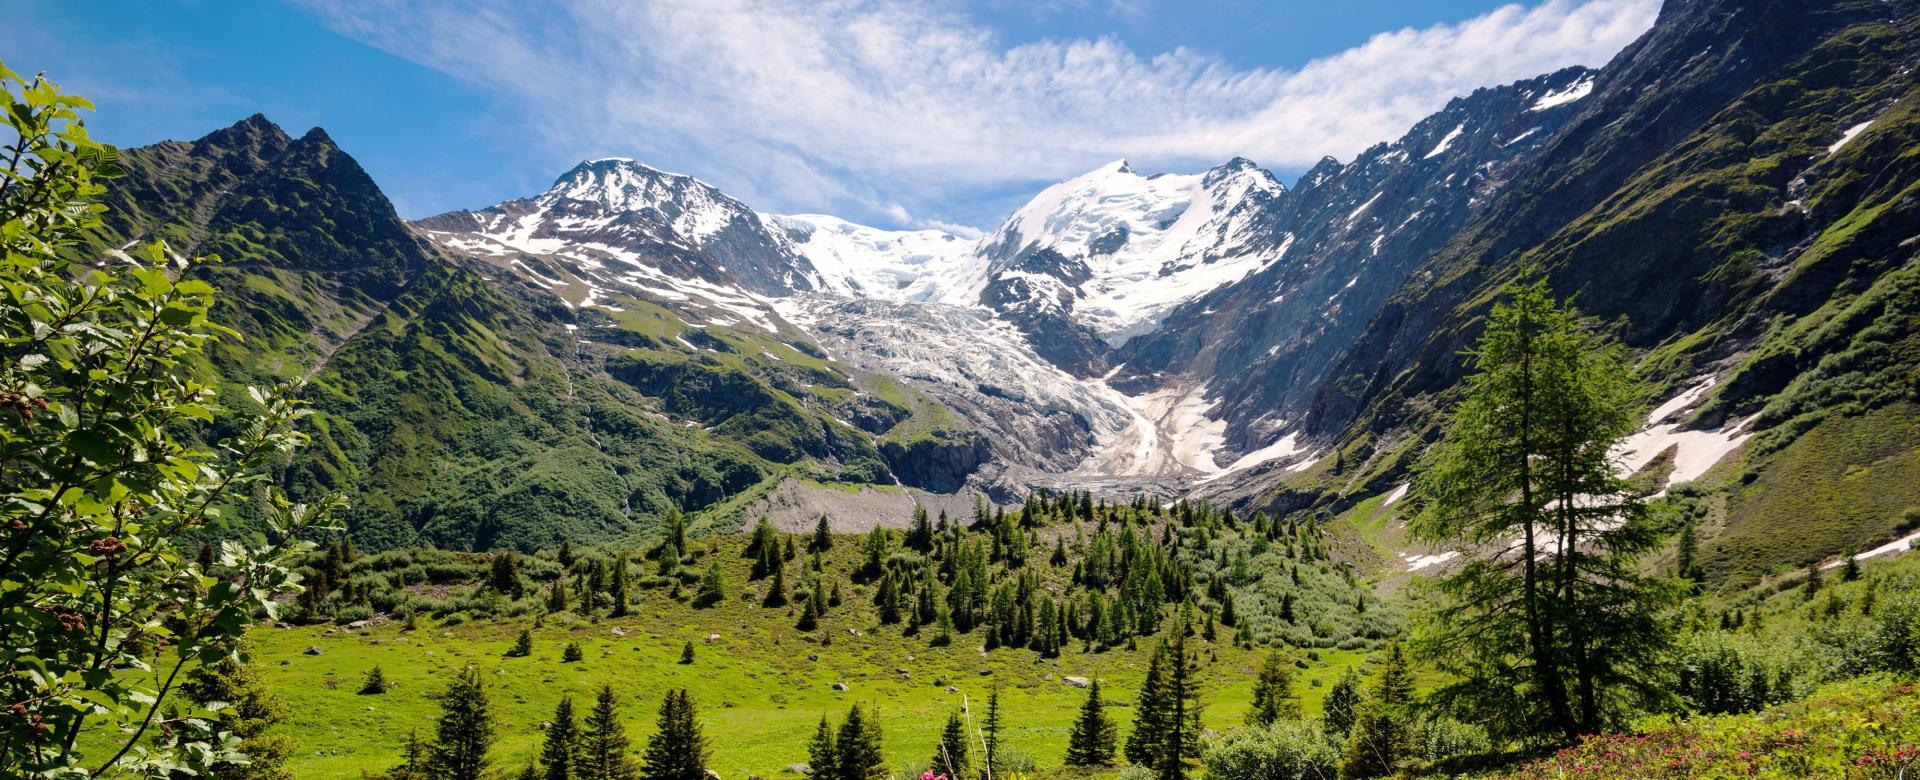 Voyage à pied France : Panoramas du pays du mont-blanc